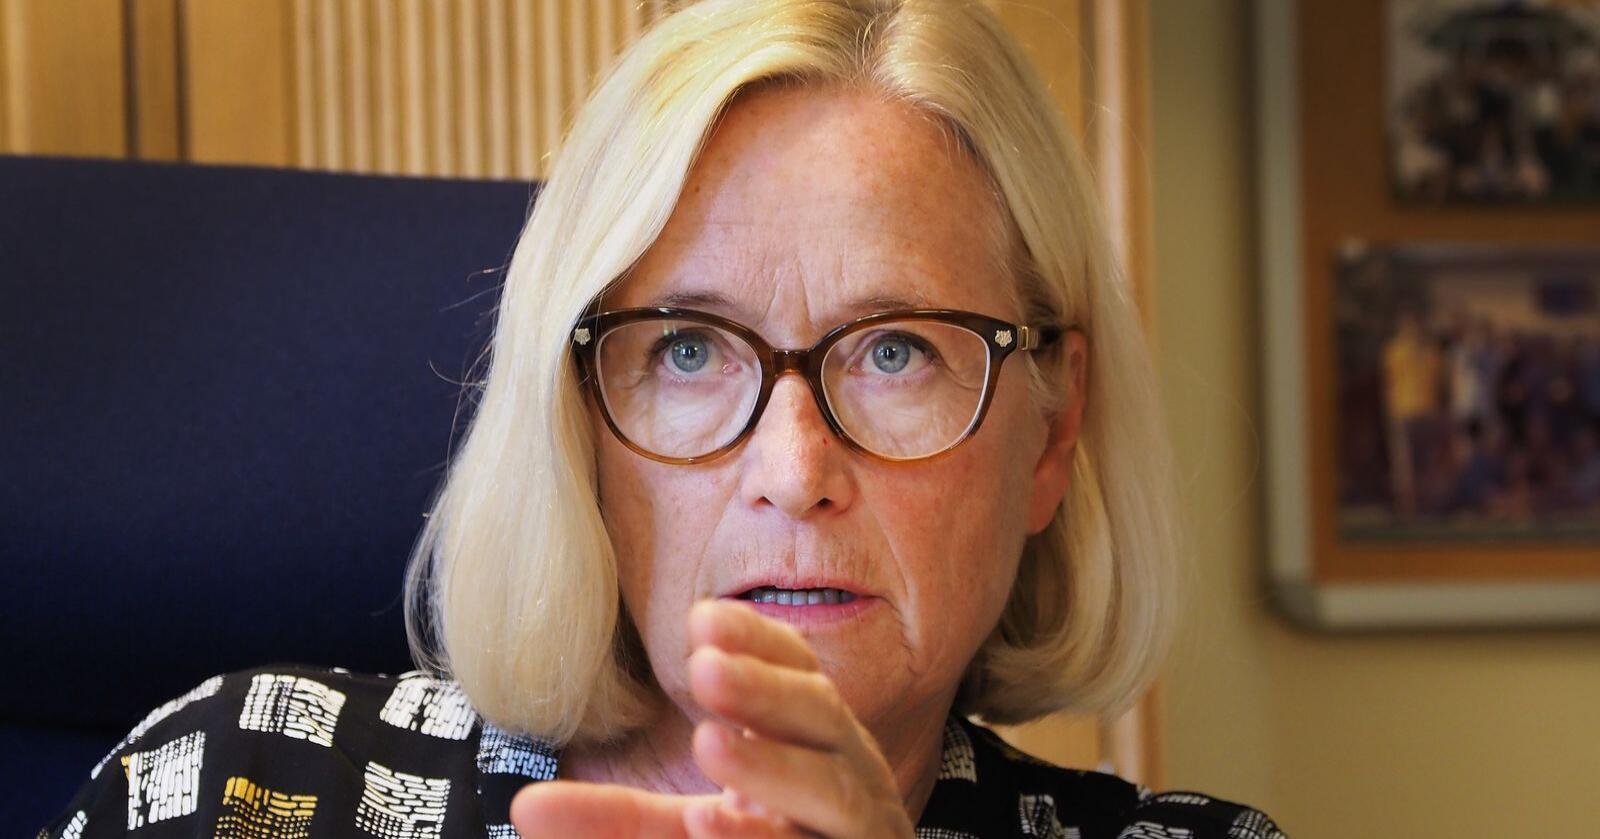 Leder av Senterpartiets programkomité, Marit Arnstad, vil skrote hele Politidirektoratet. Foto: Siri Juell Rasmussen